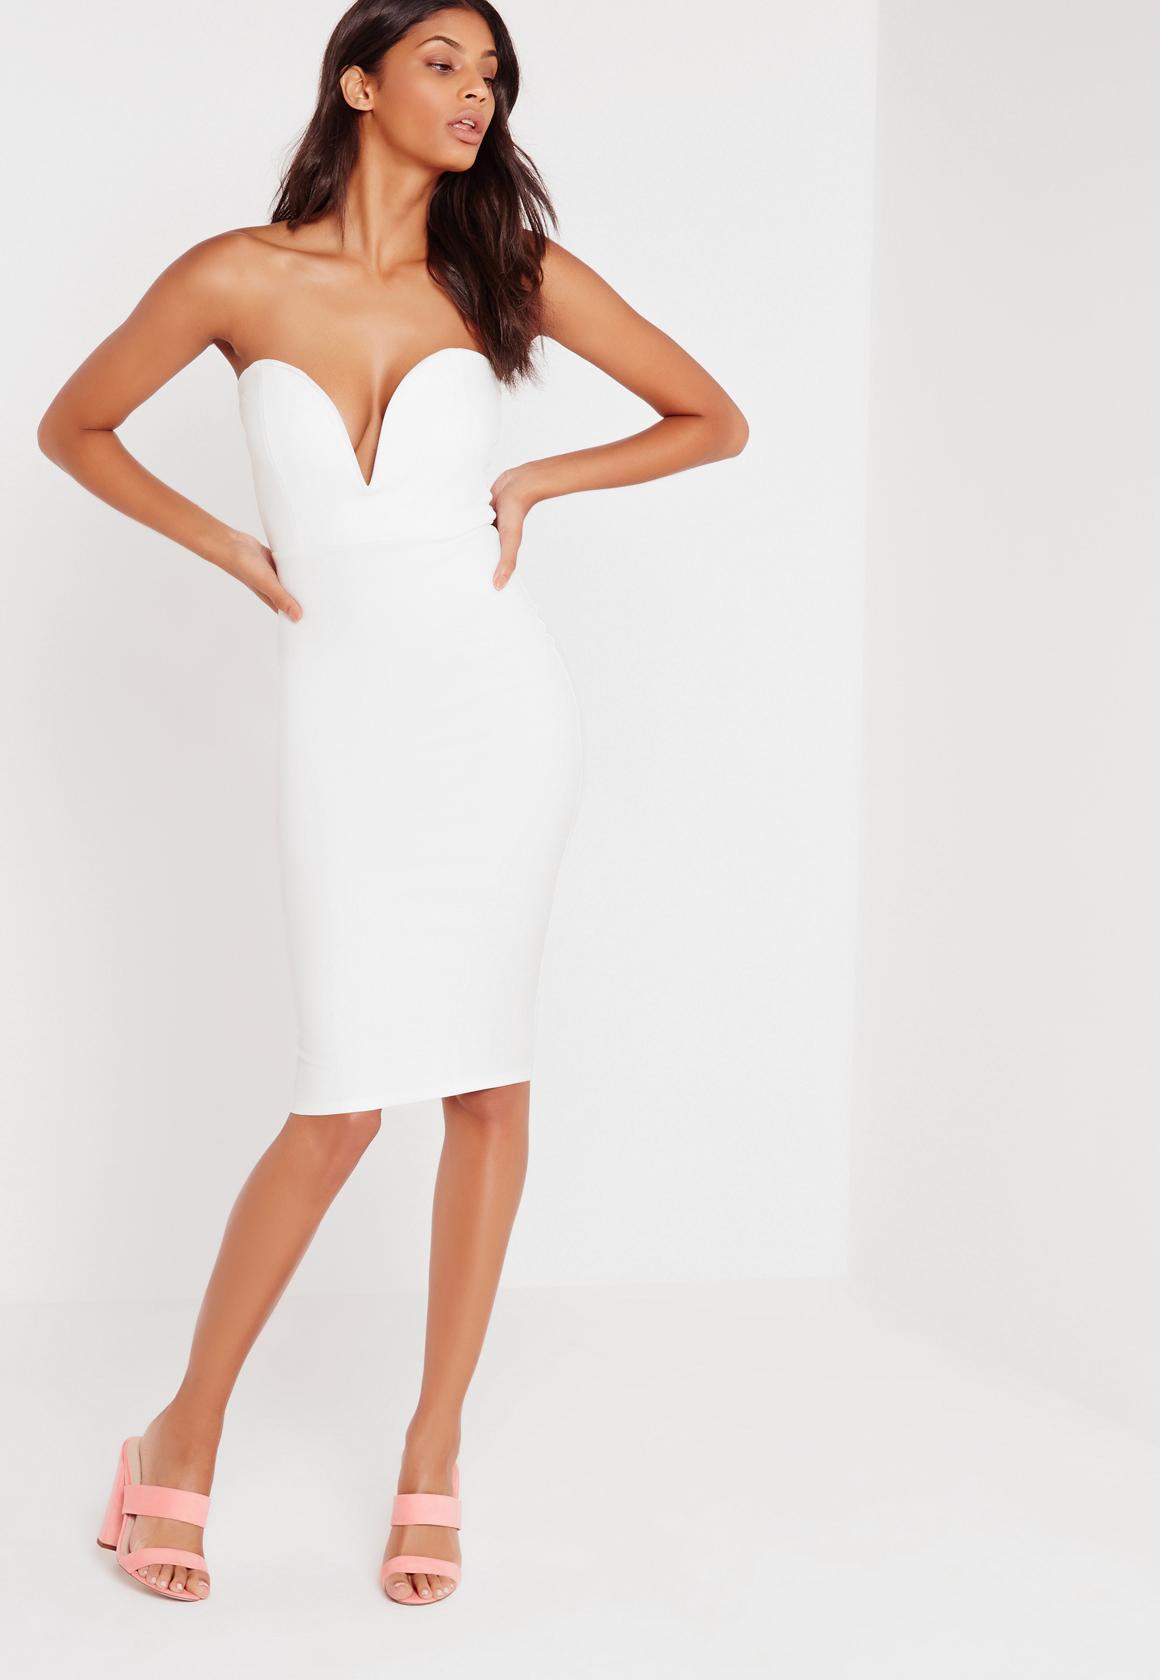 White Dresses - All White & Little White Dresses | Missguided